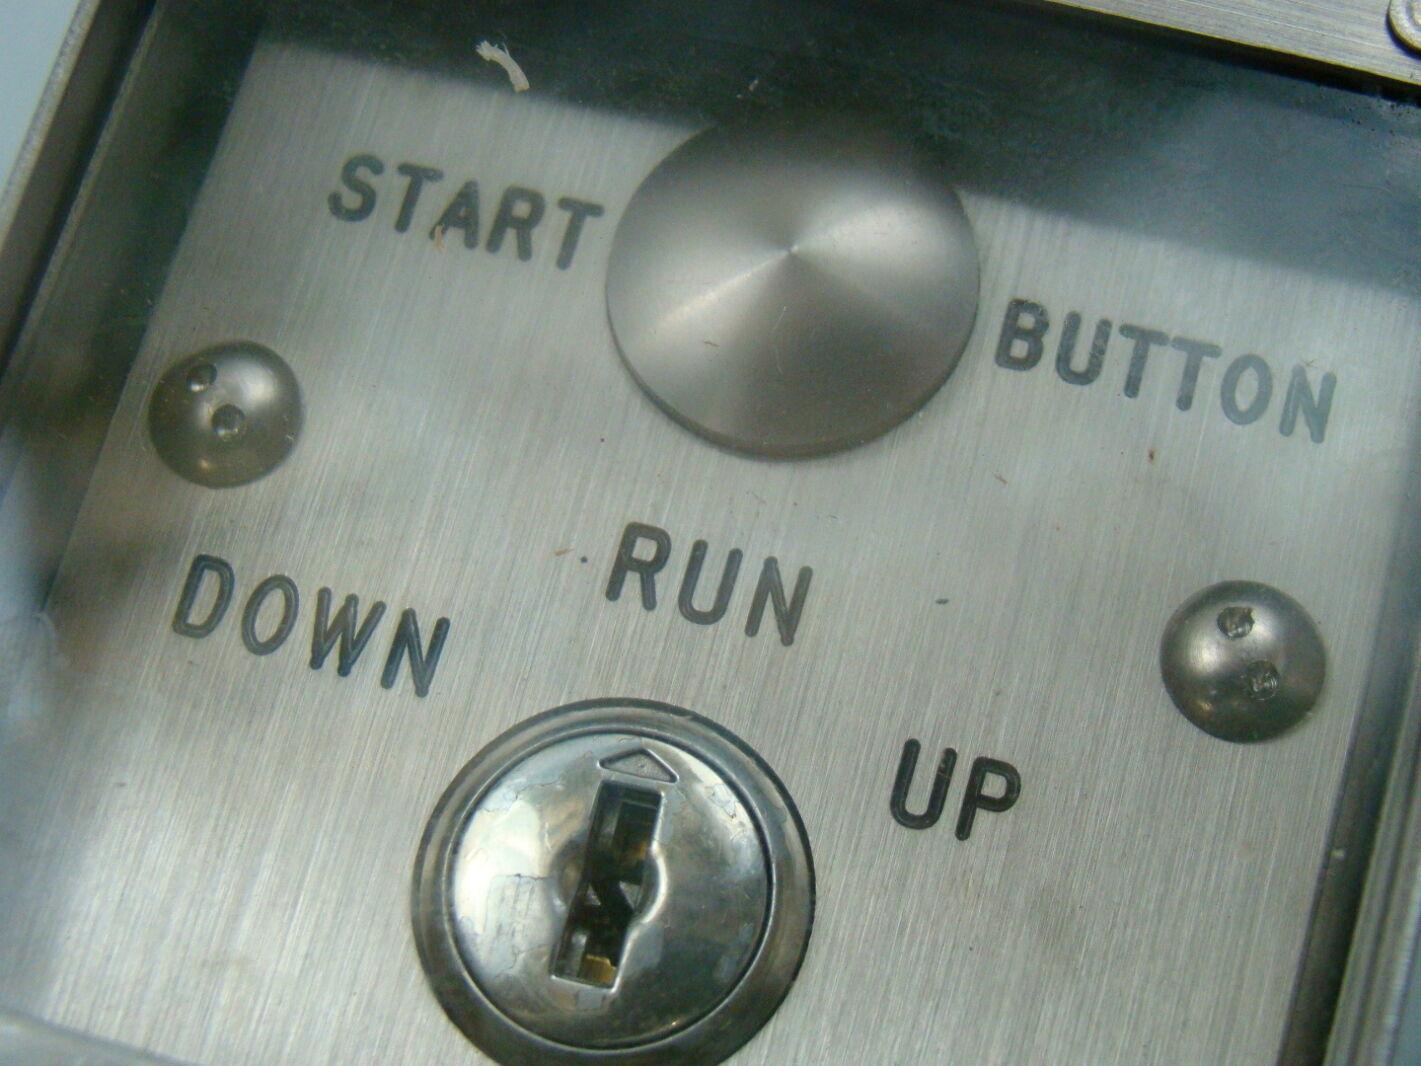 Elevator Emergency Stop Switch Box LG-10518   eBay